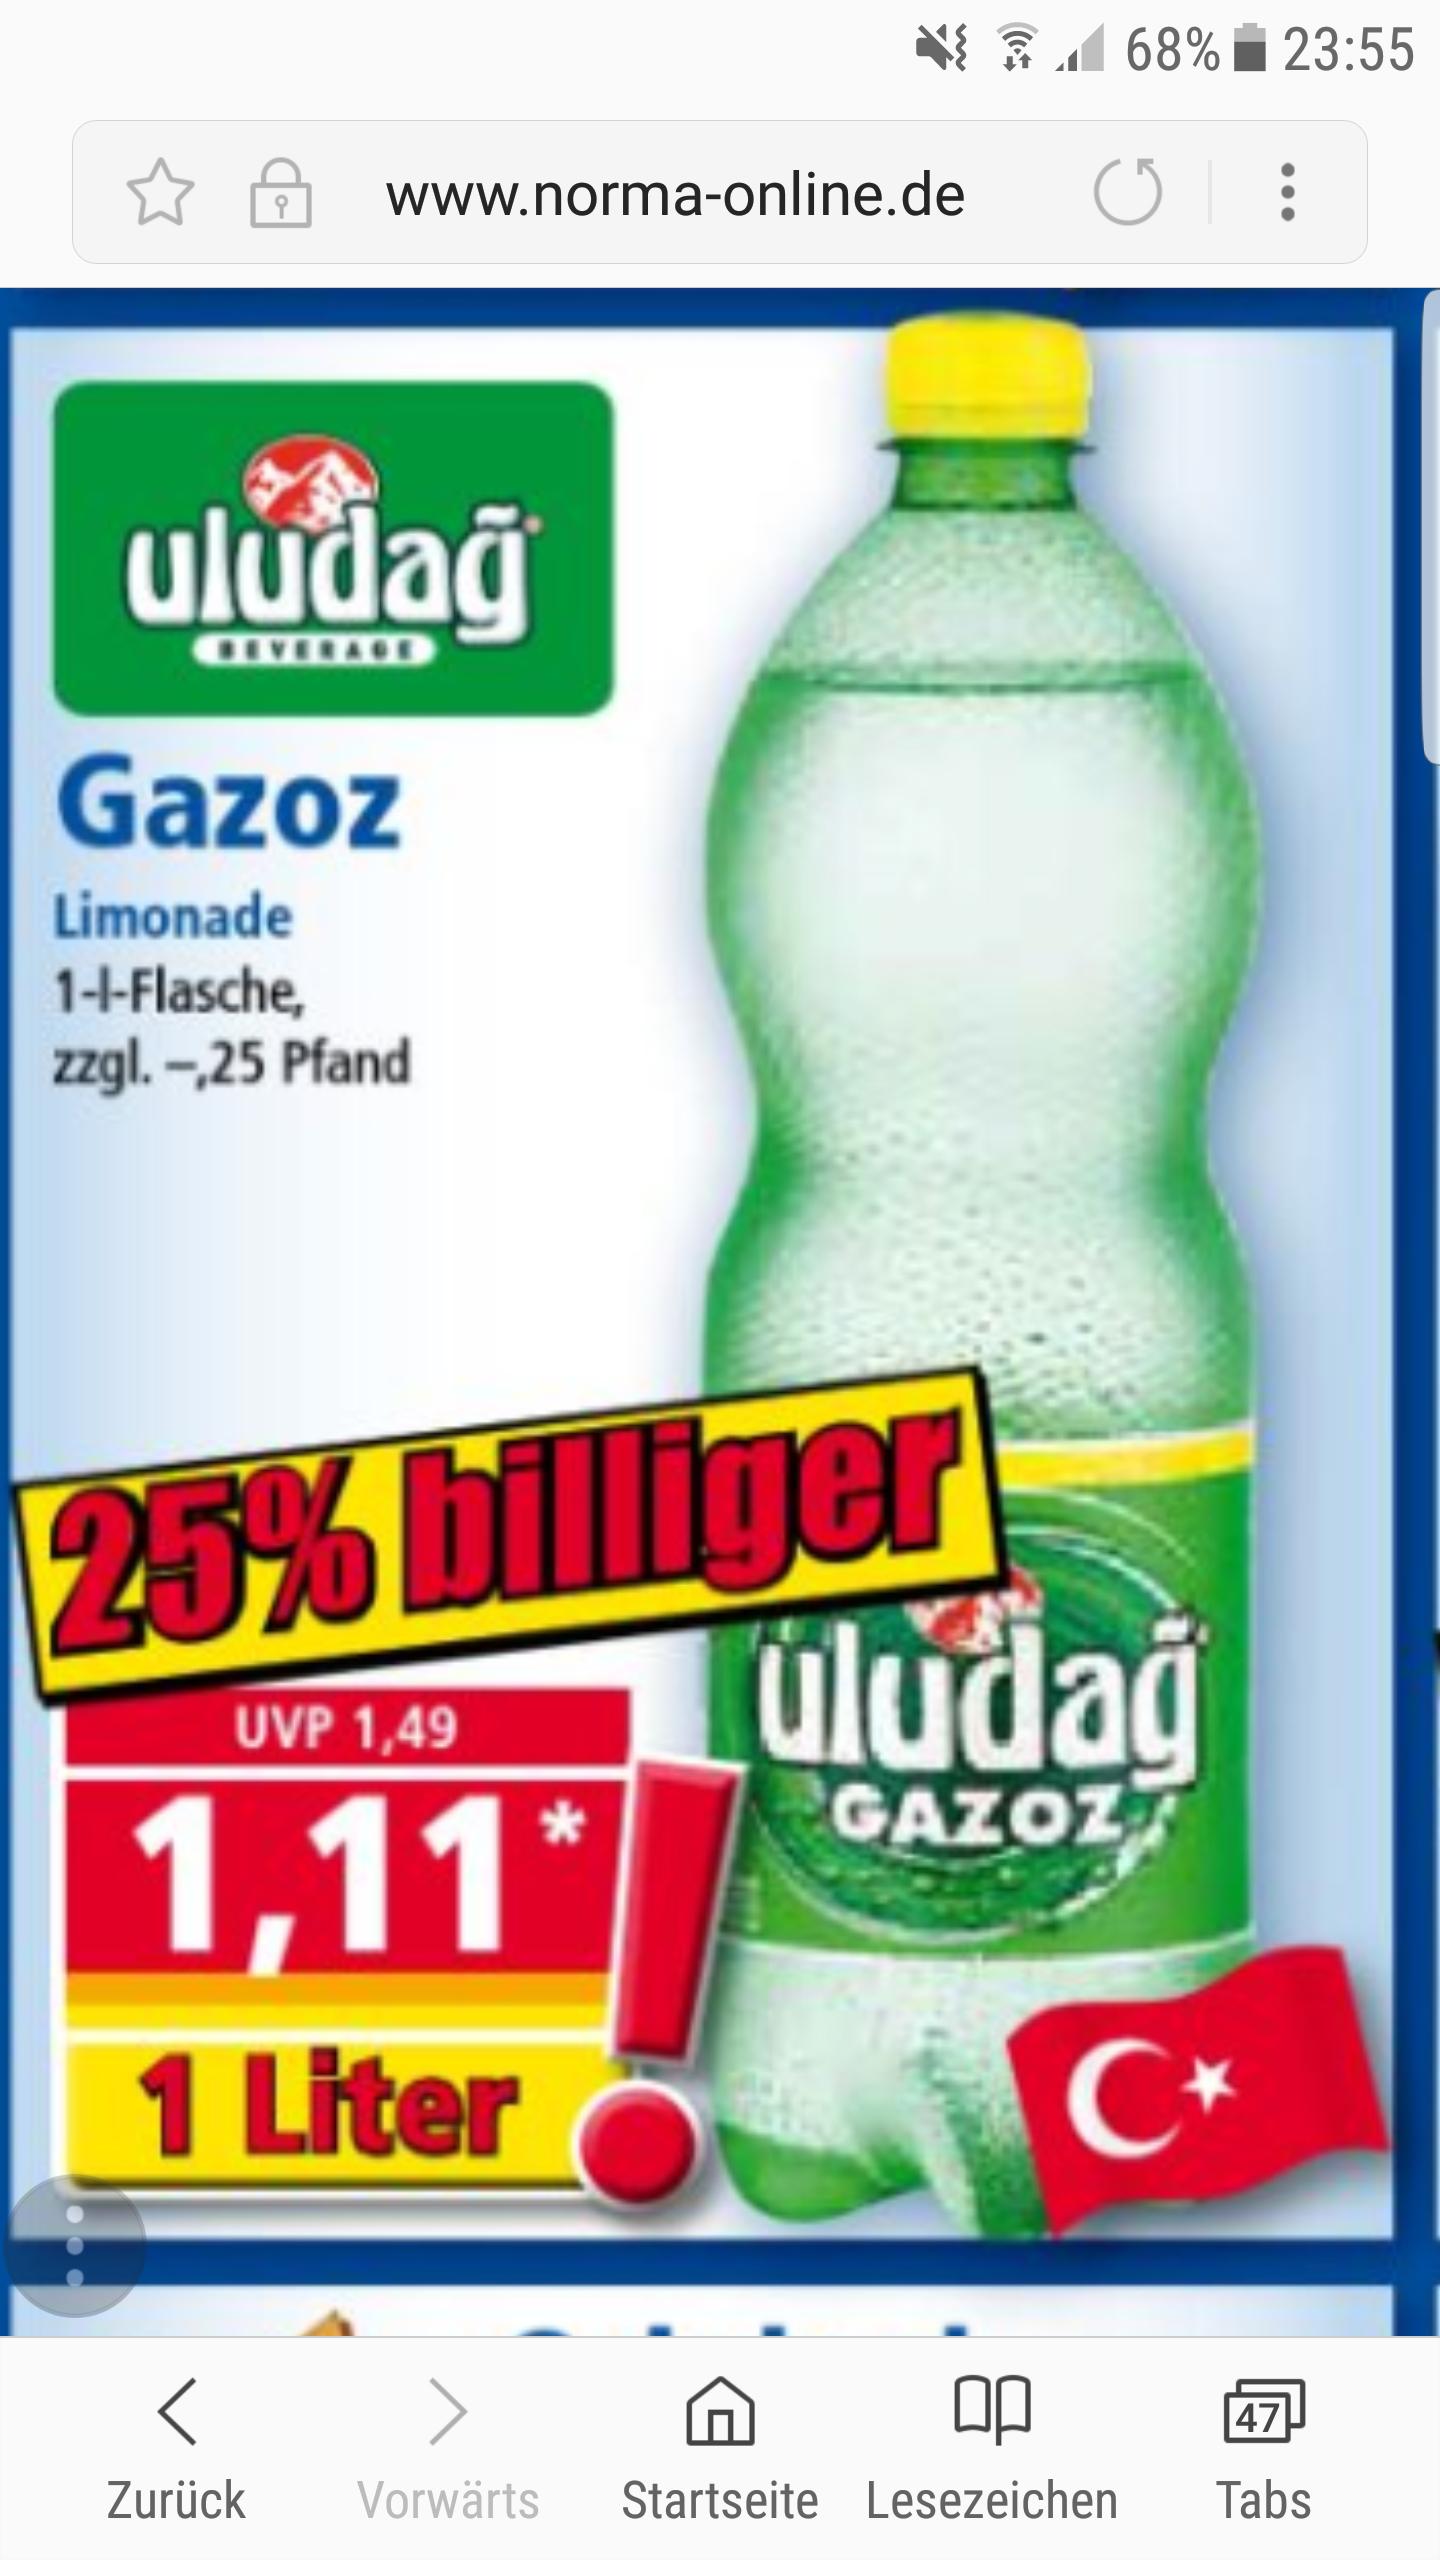 Uludag Gazoz (1 Liter) für 1,11€ bei Norma